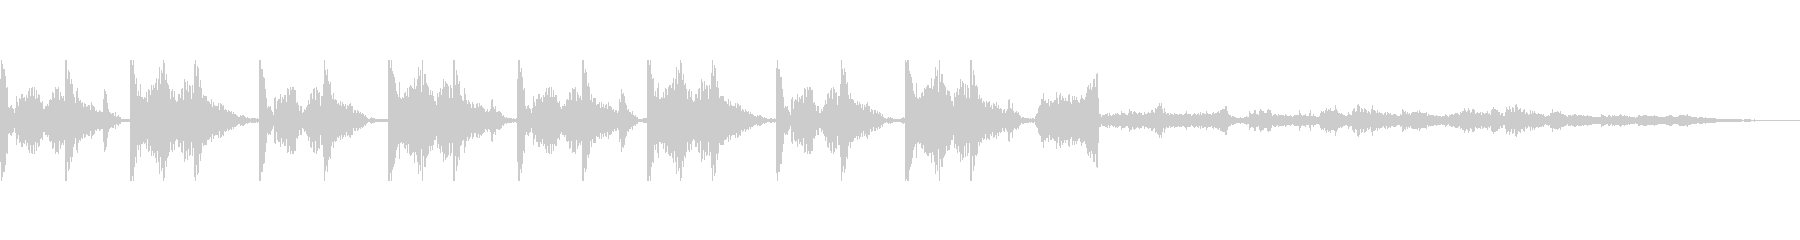 四つ打ちドラムにキラキラ音の未再生の波形